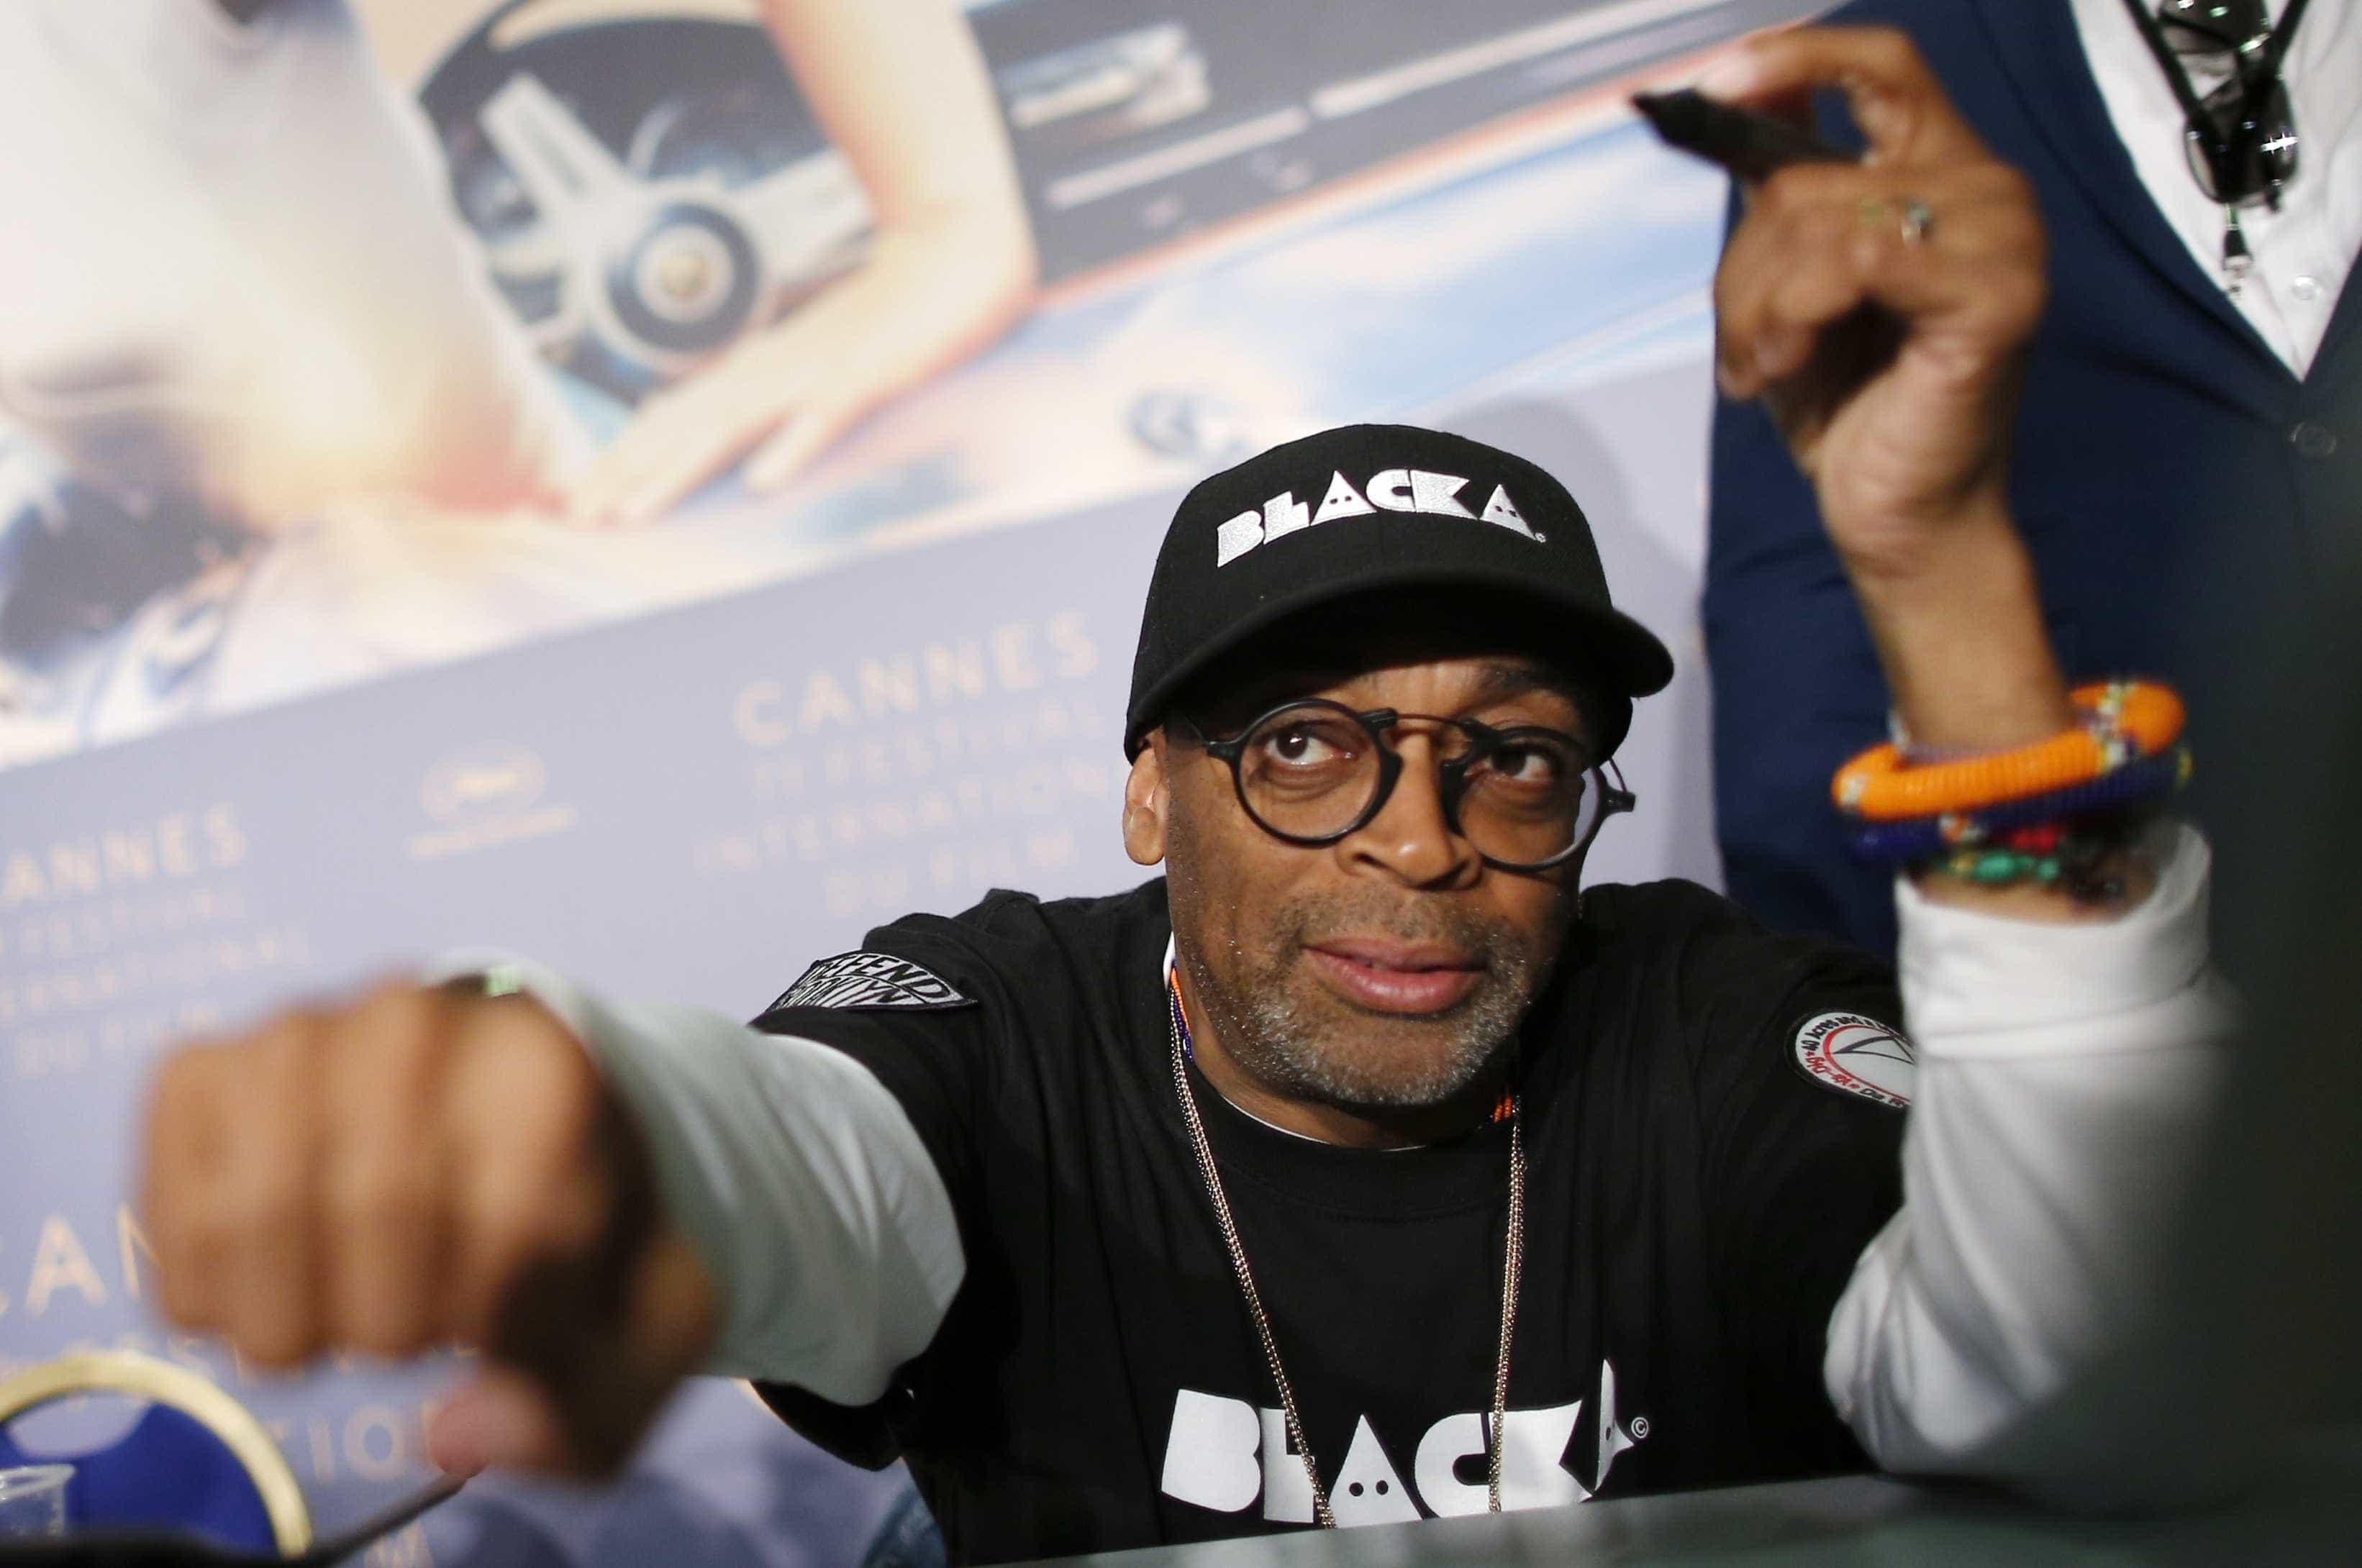 Com Spike Lee na programação, mostra dá visibilidade a diretores negros